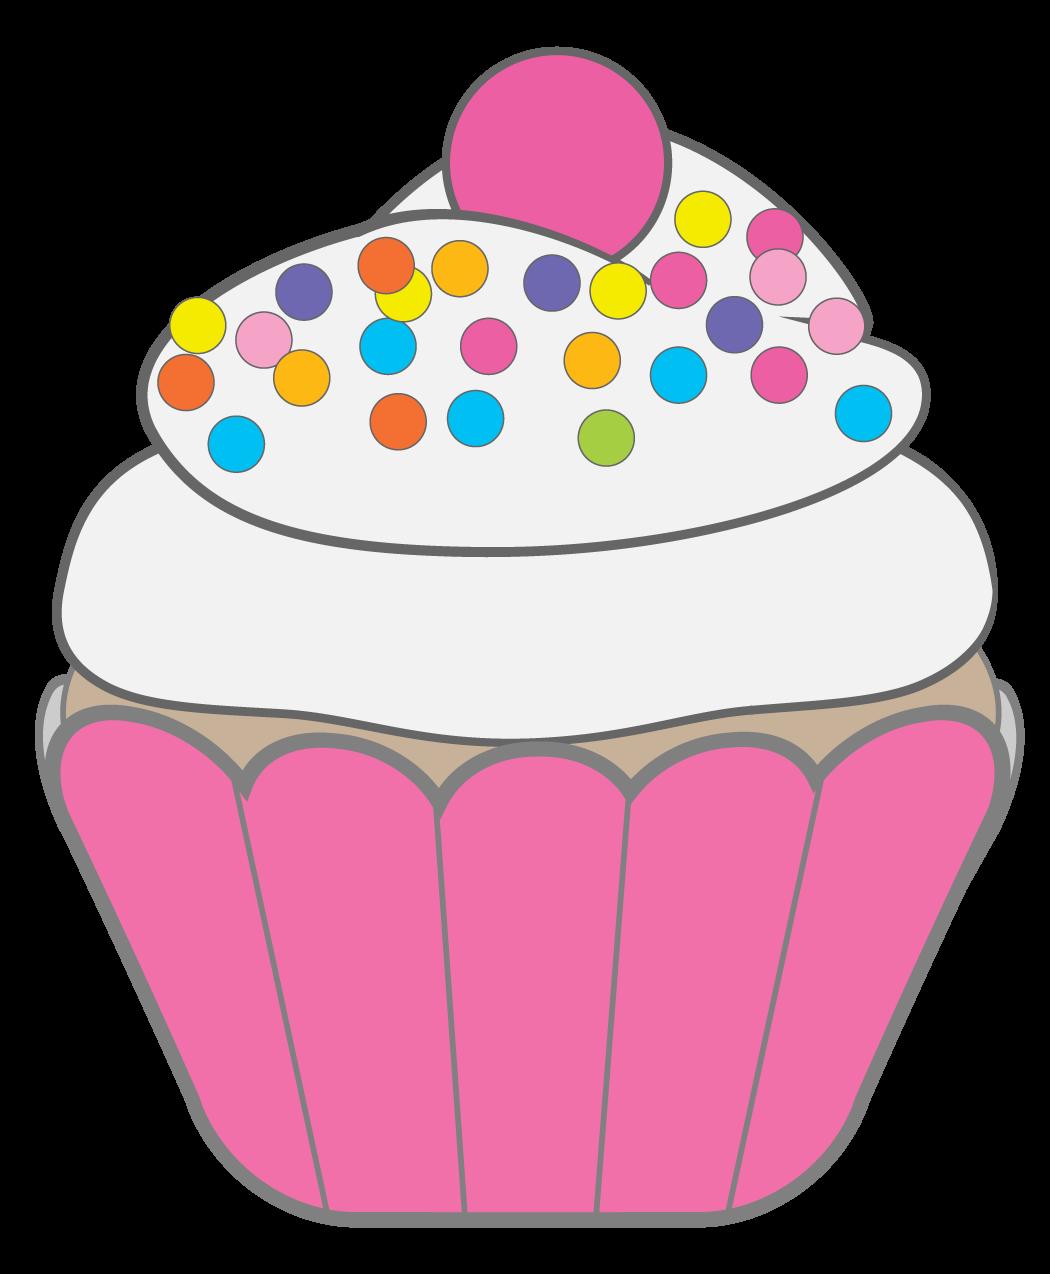 1050x1274 Clipart Cupcake